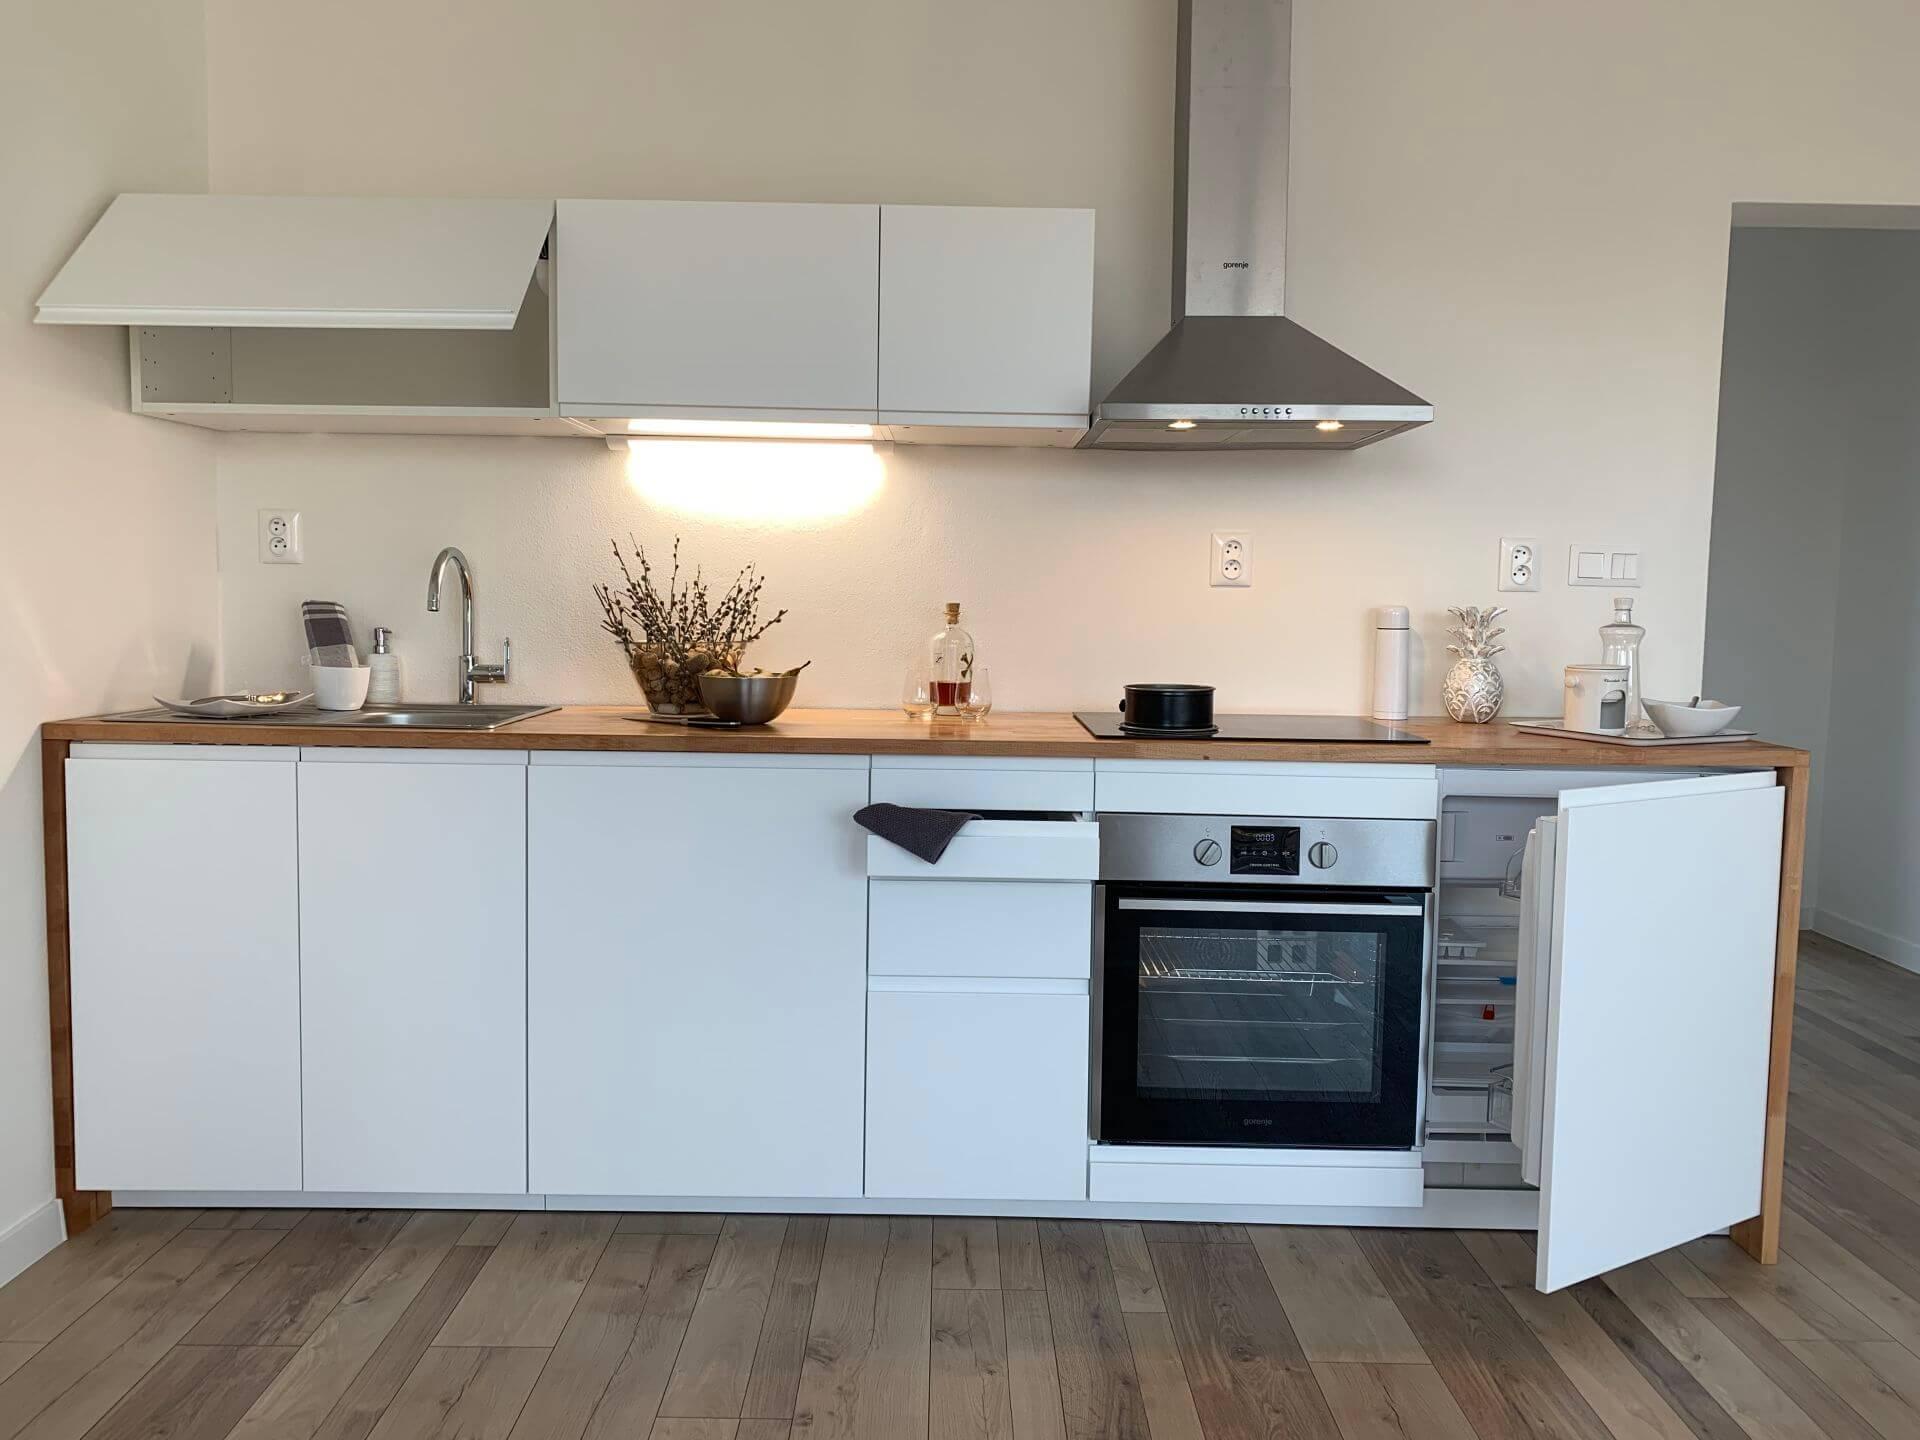 Predané: Predáme 1 izbový byt, Ligurčeková, Podunajská Biskupice, 30m2, záhrada 26m2, parkovacie státie 12m2-3